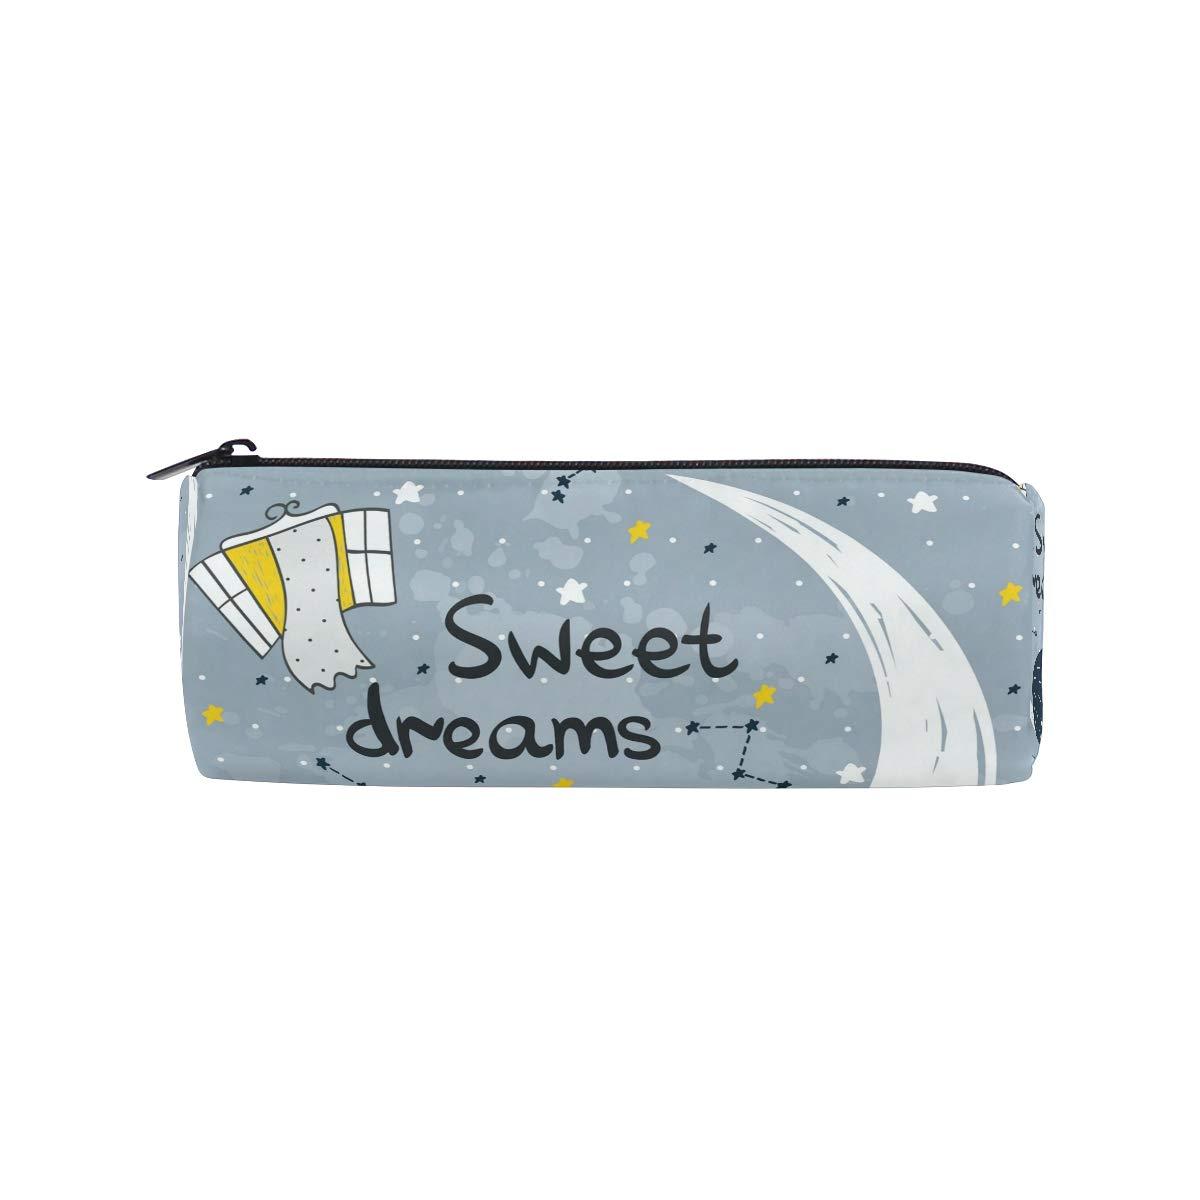 Estuche para lápices con diseño de constelaciones de lindos sueños para niños, niñas, estudiantes, bolsa para bolígrafos, bolsa de maquillaje redonda: Amazon.es: Oficina y papelería